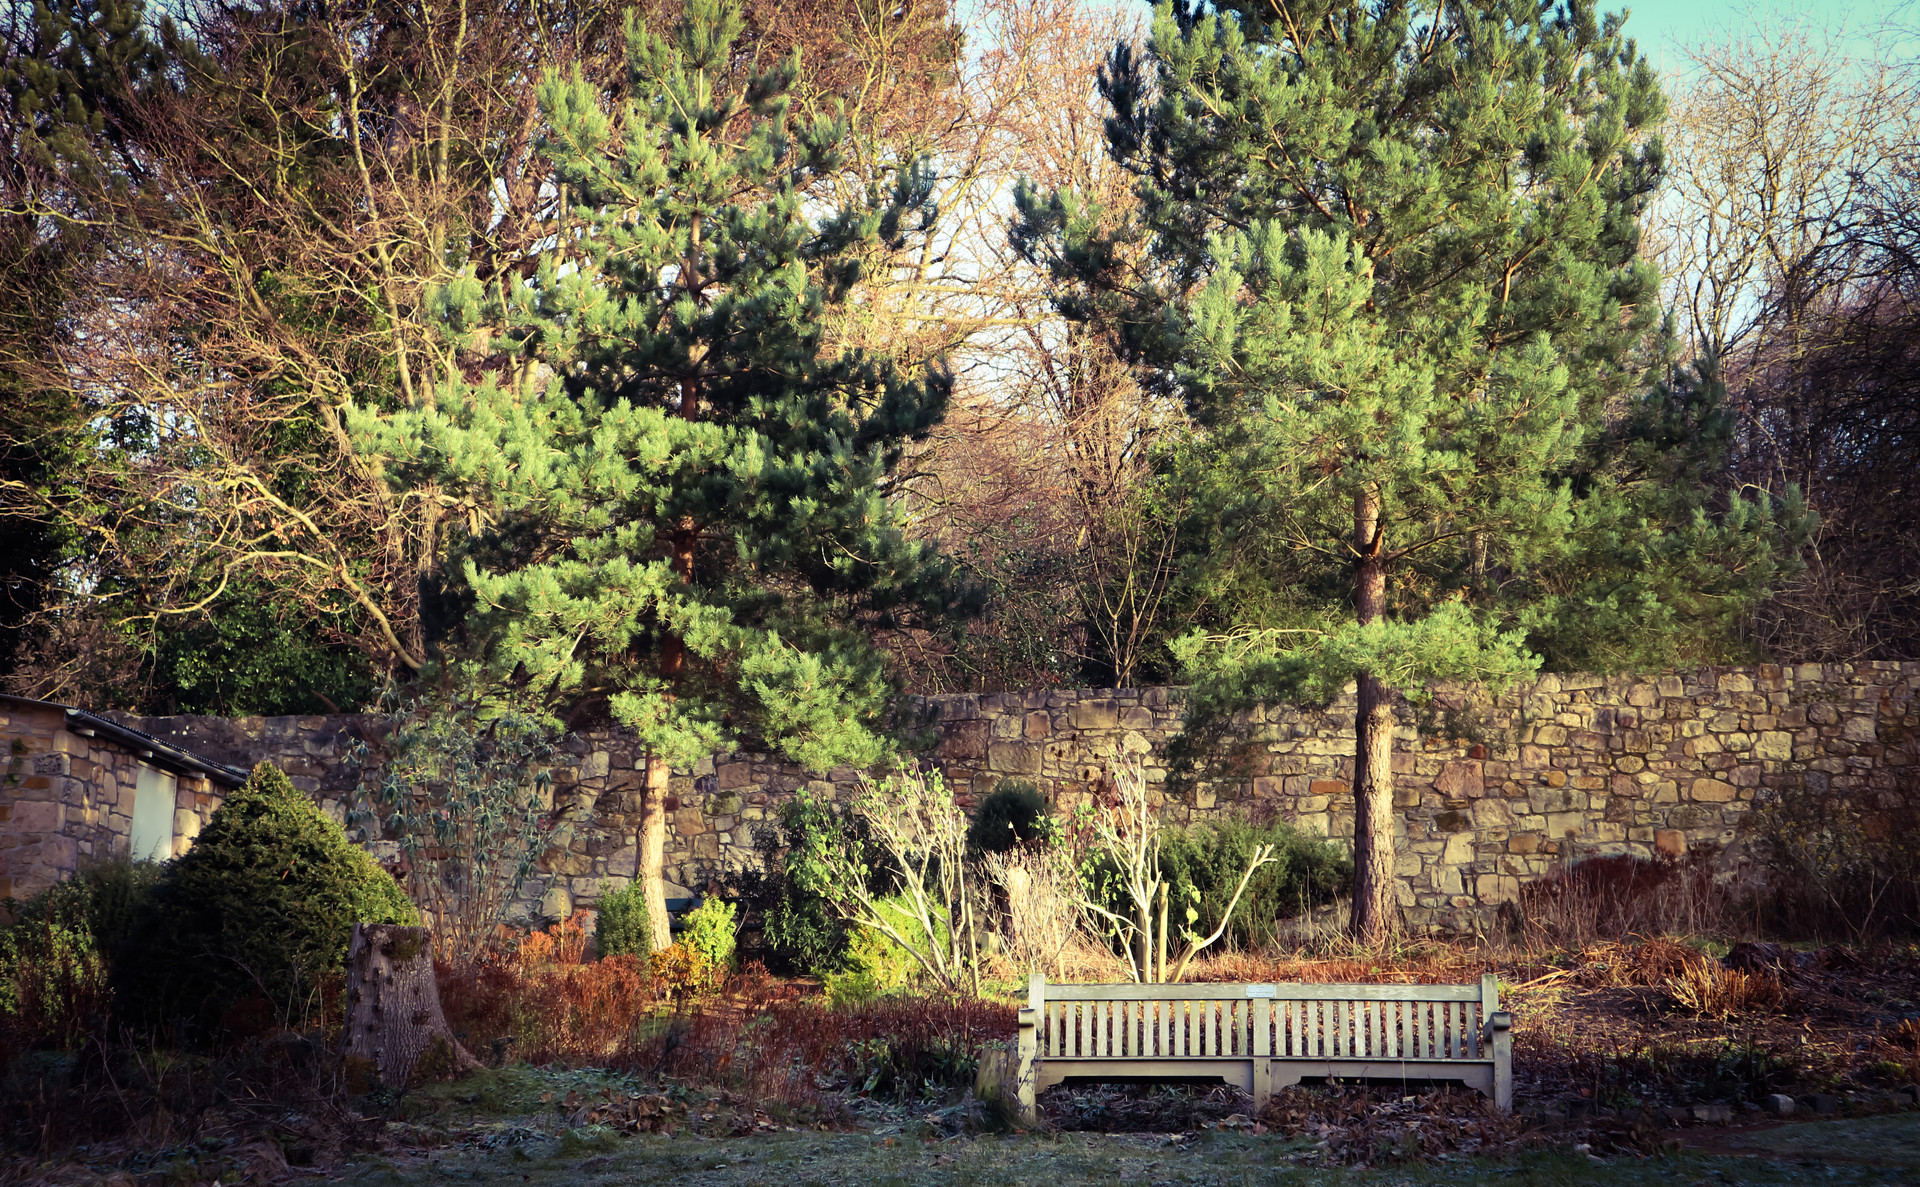 Walled_Garden_Bench.jpg